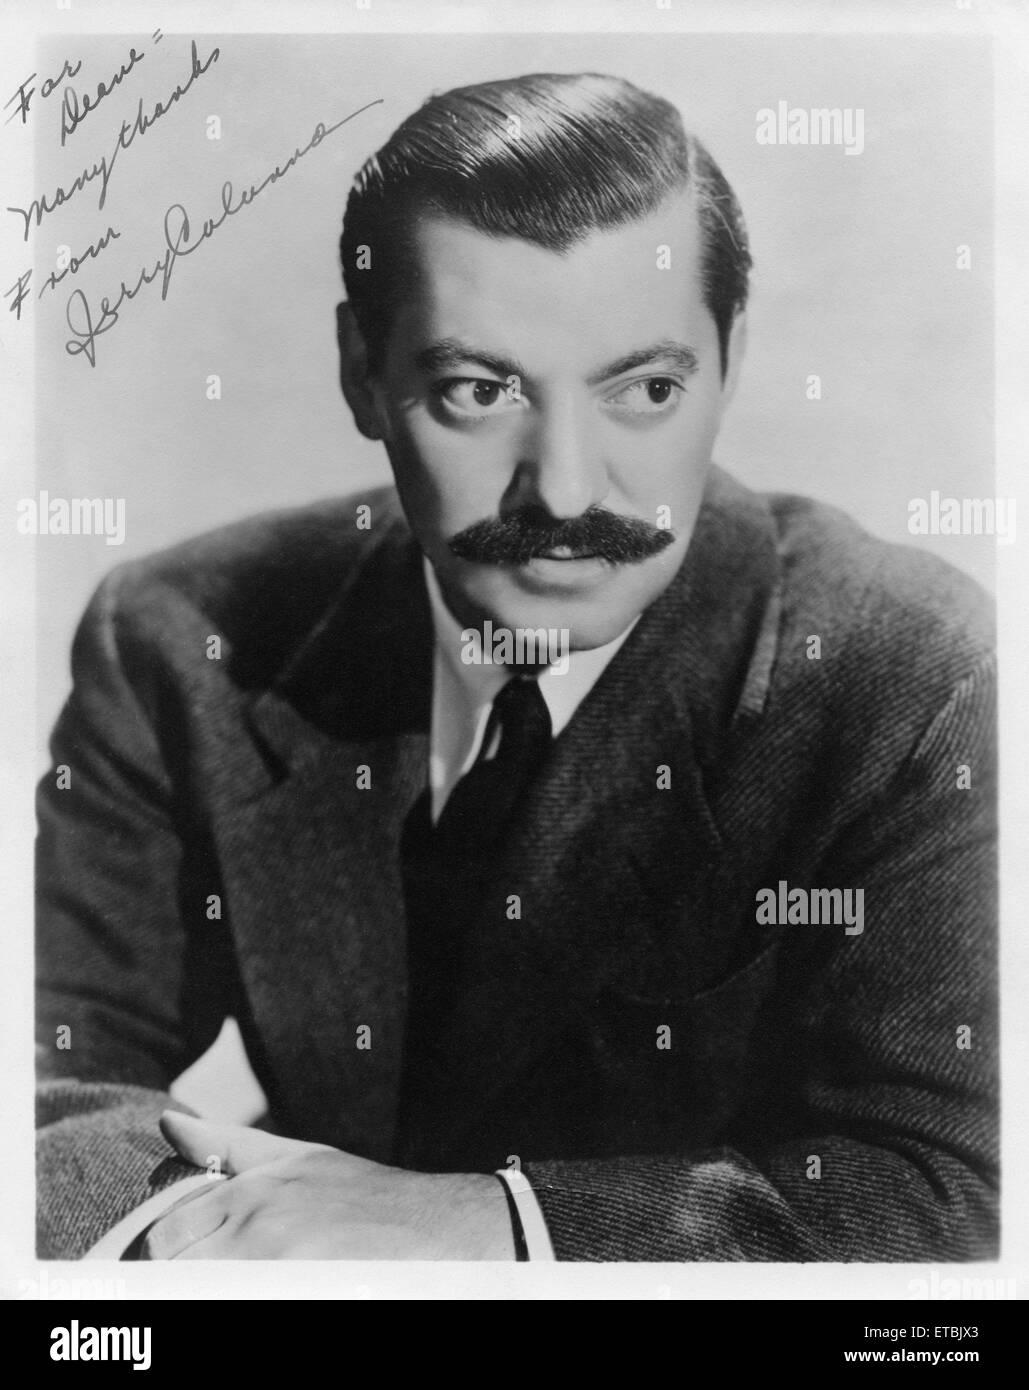 Jerry Colonna, Portrait, circa 1940 Stock Photo